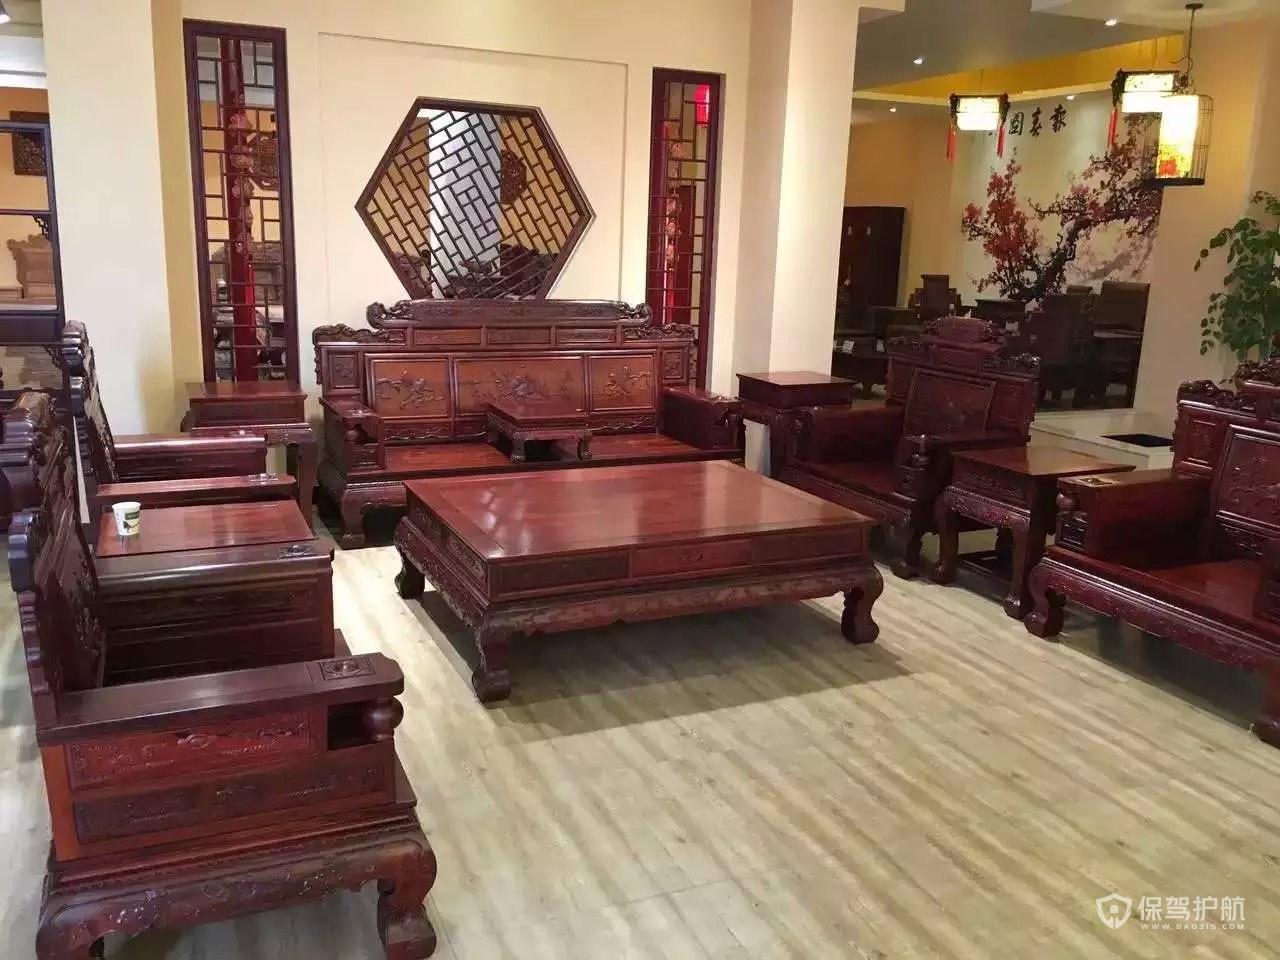 红酸枝木家具价格是多少?红酸枝木家具怎么保养?